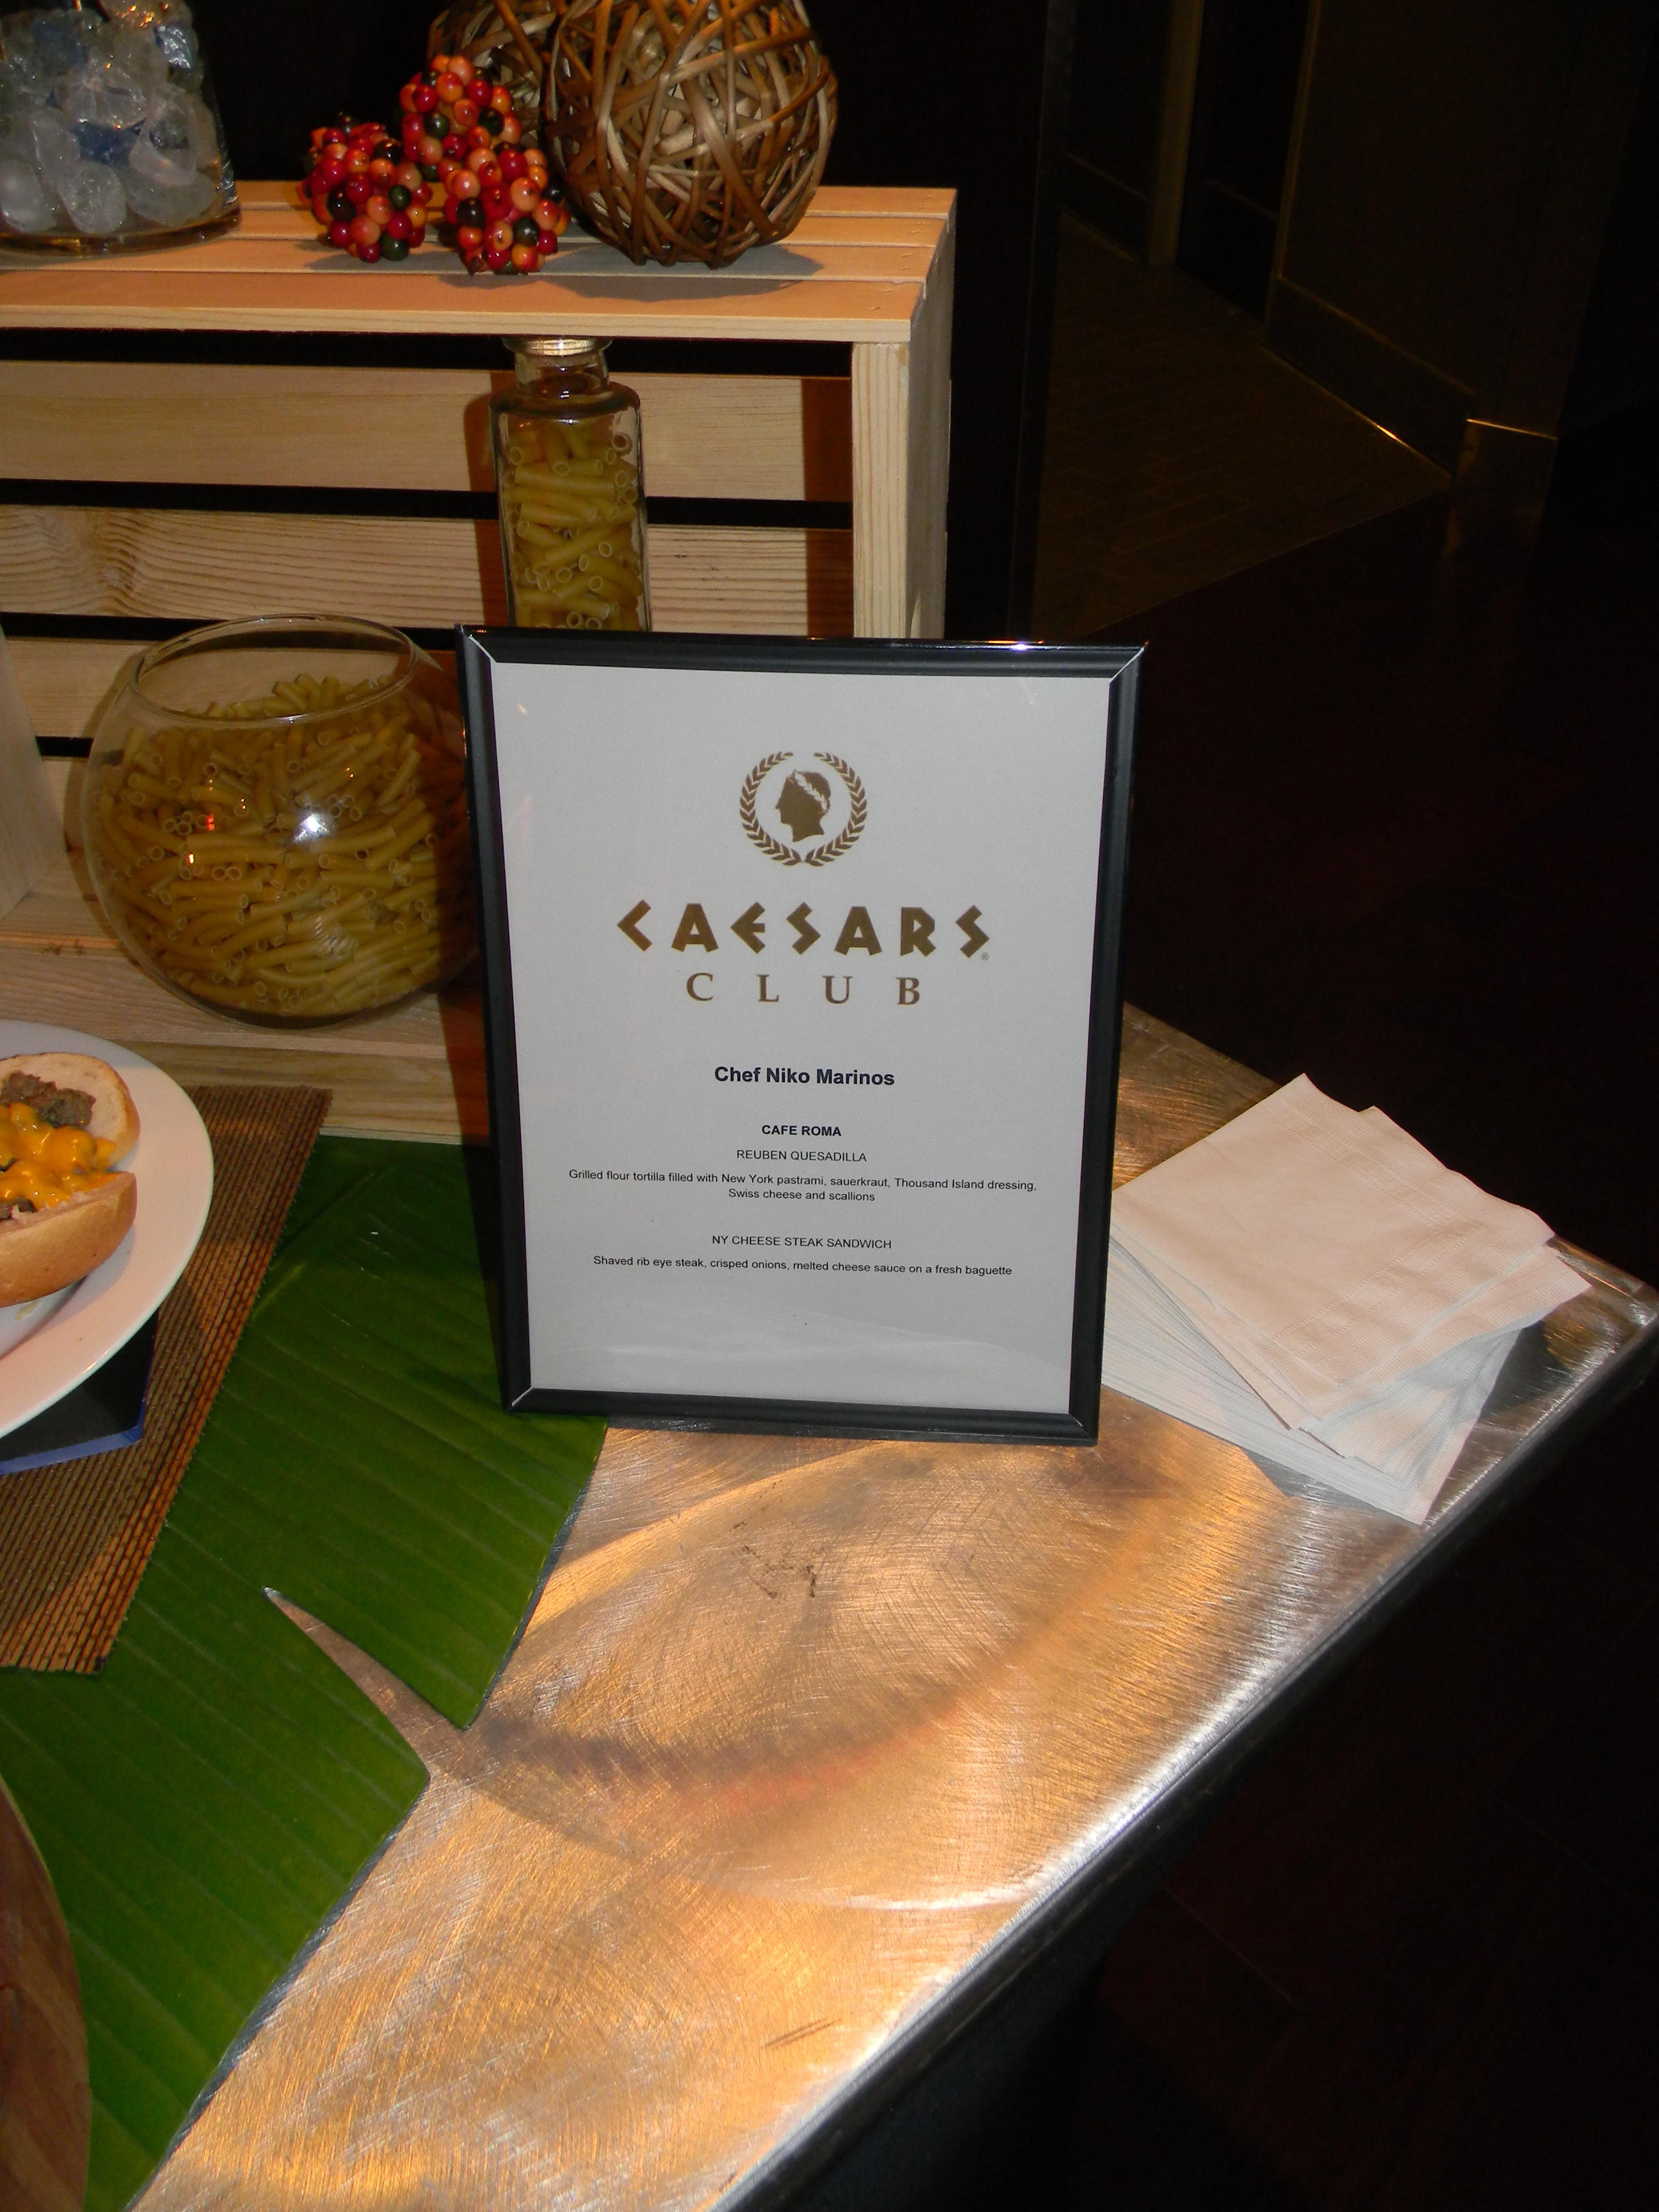 Caesar's Club options